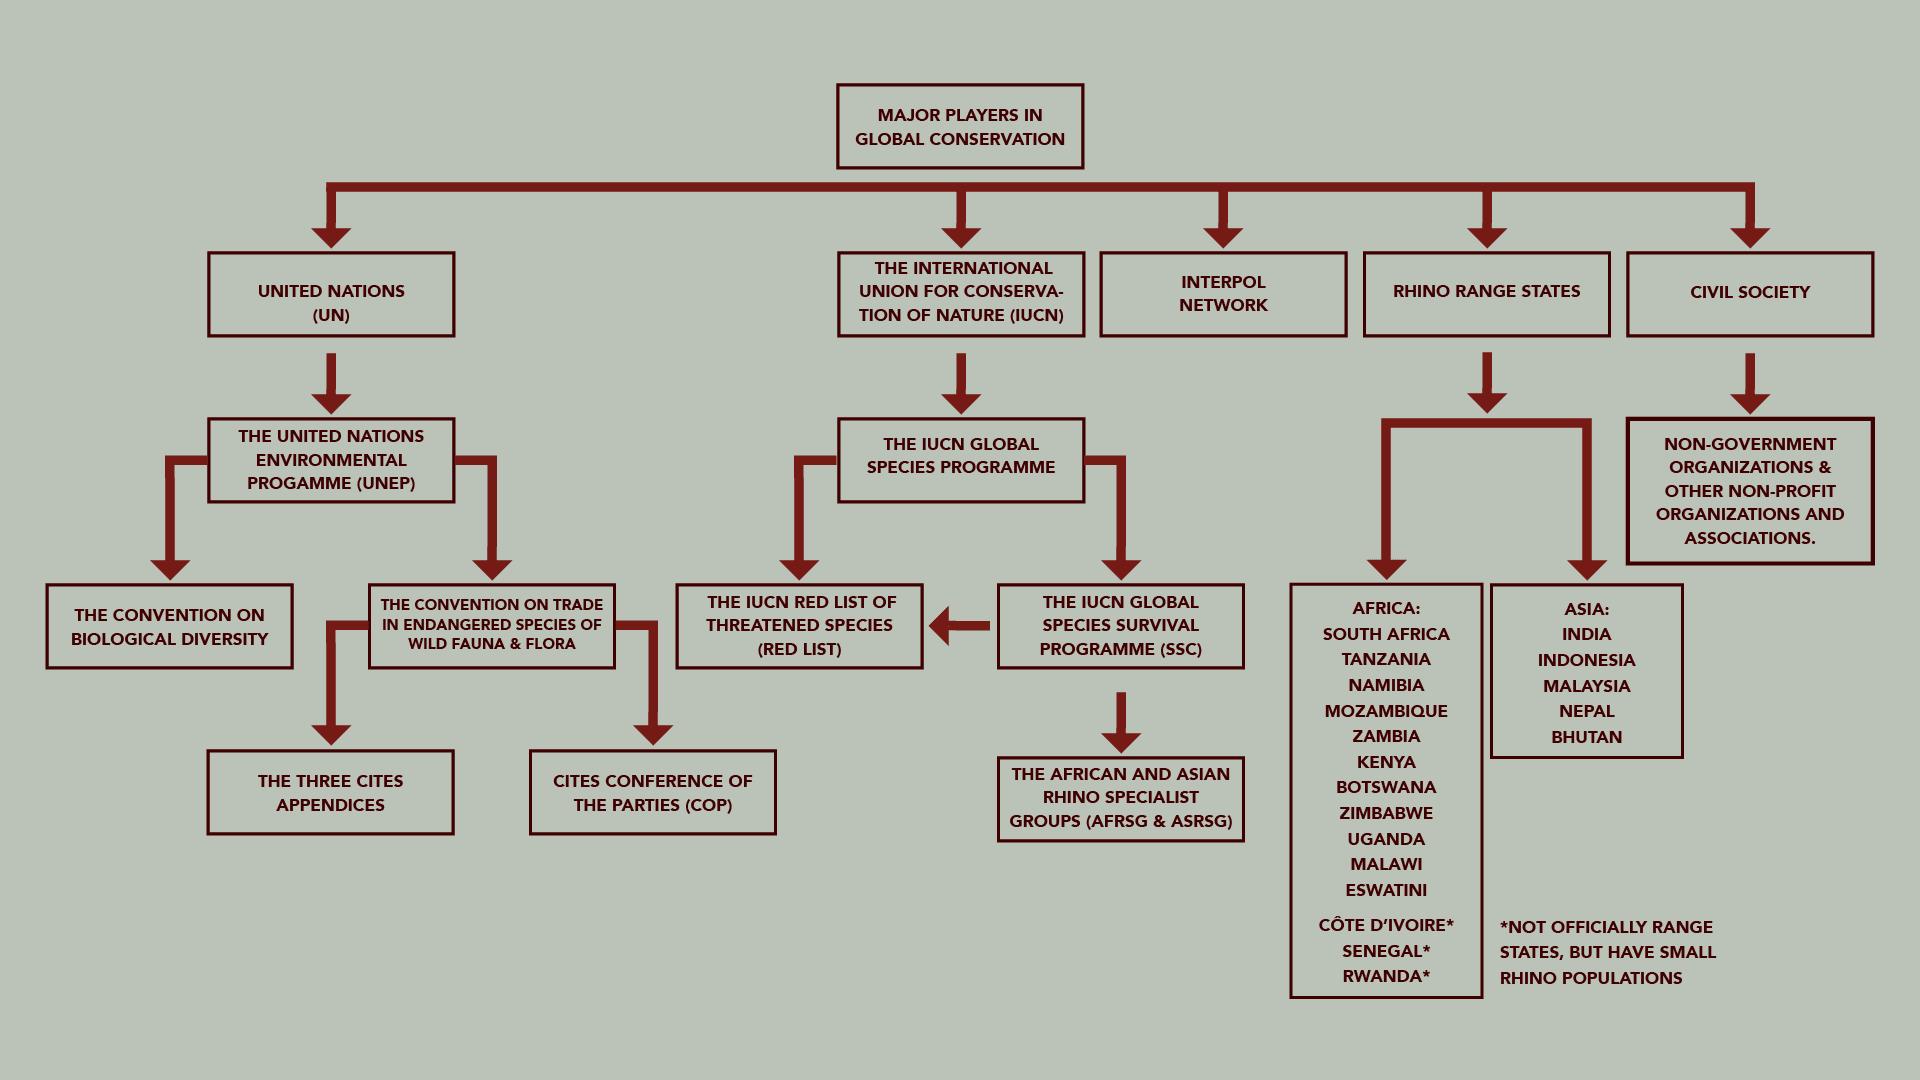 Global Conservation Organogram